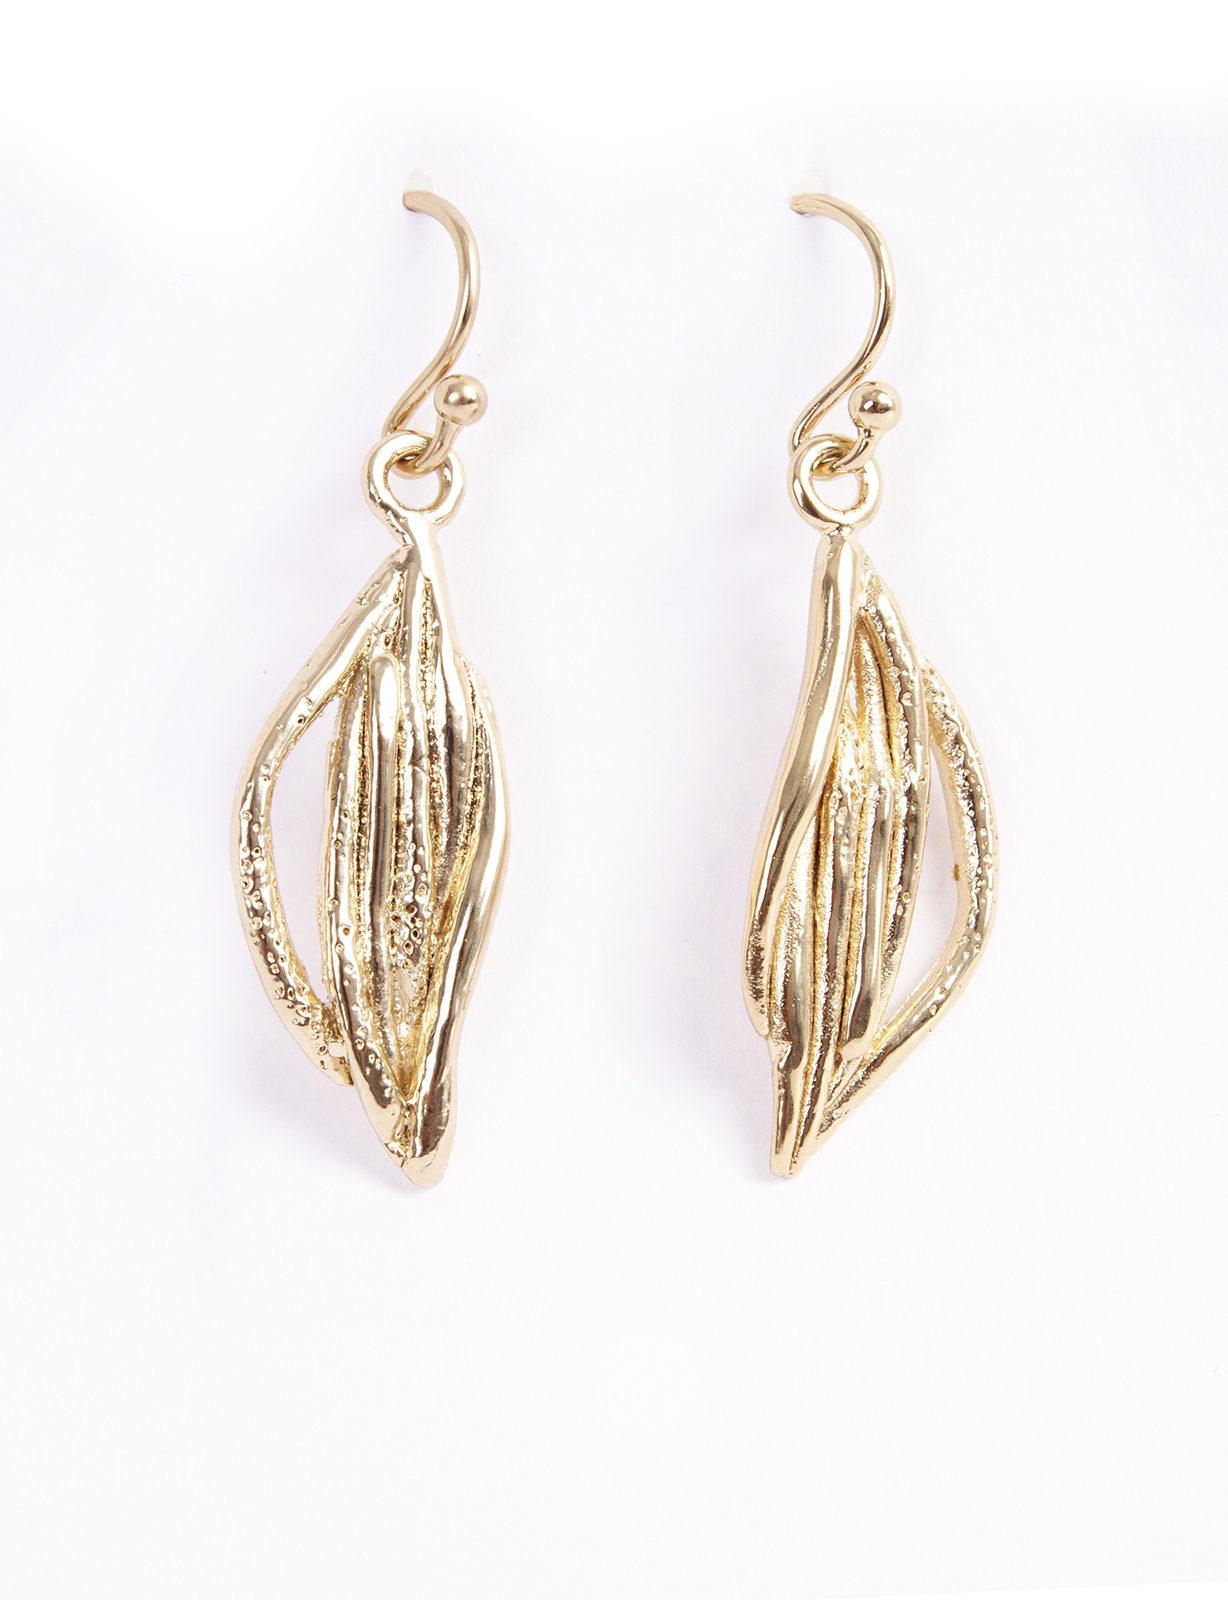 Celine-Lareynie-bijoux-joaillerie-ethique-boucles-d-oreilles-jar